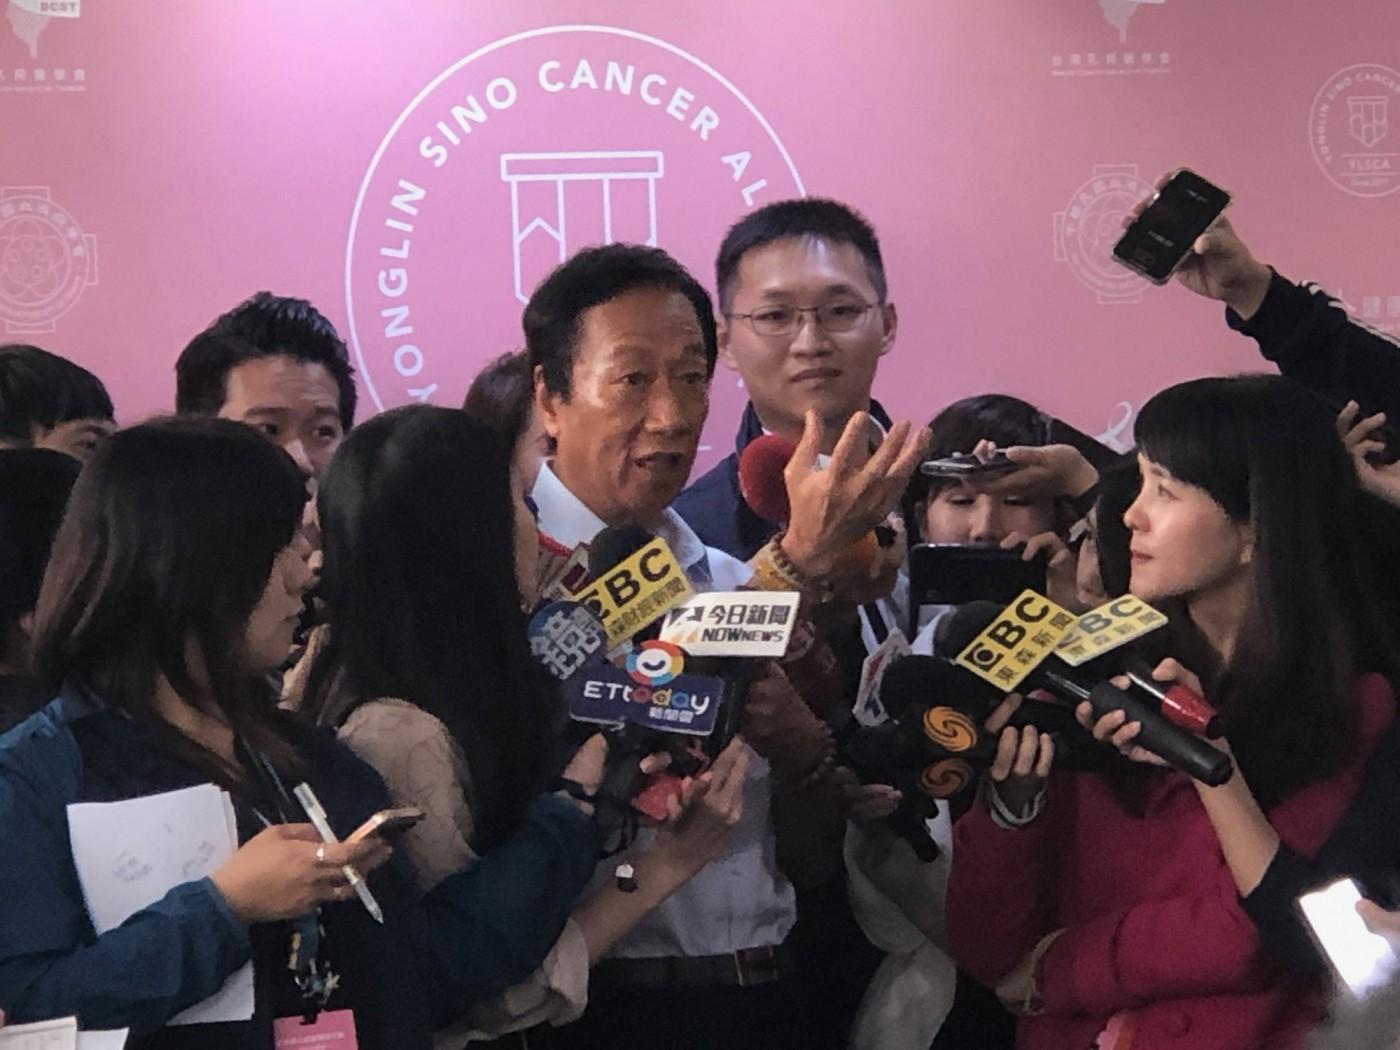 郭台銘的總統之路將揭醫療政策,推動癌症基因資料庫